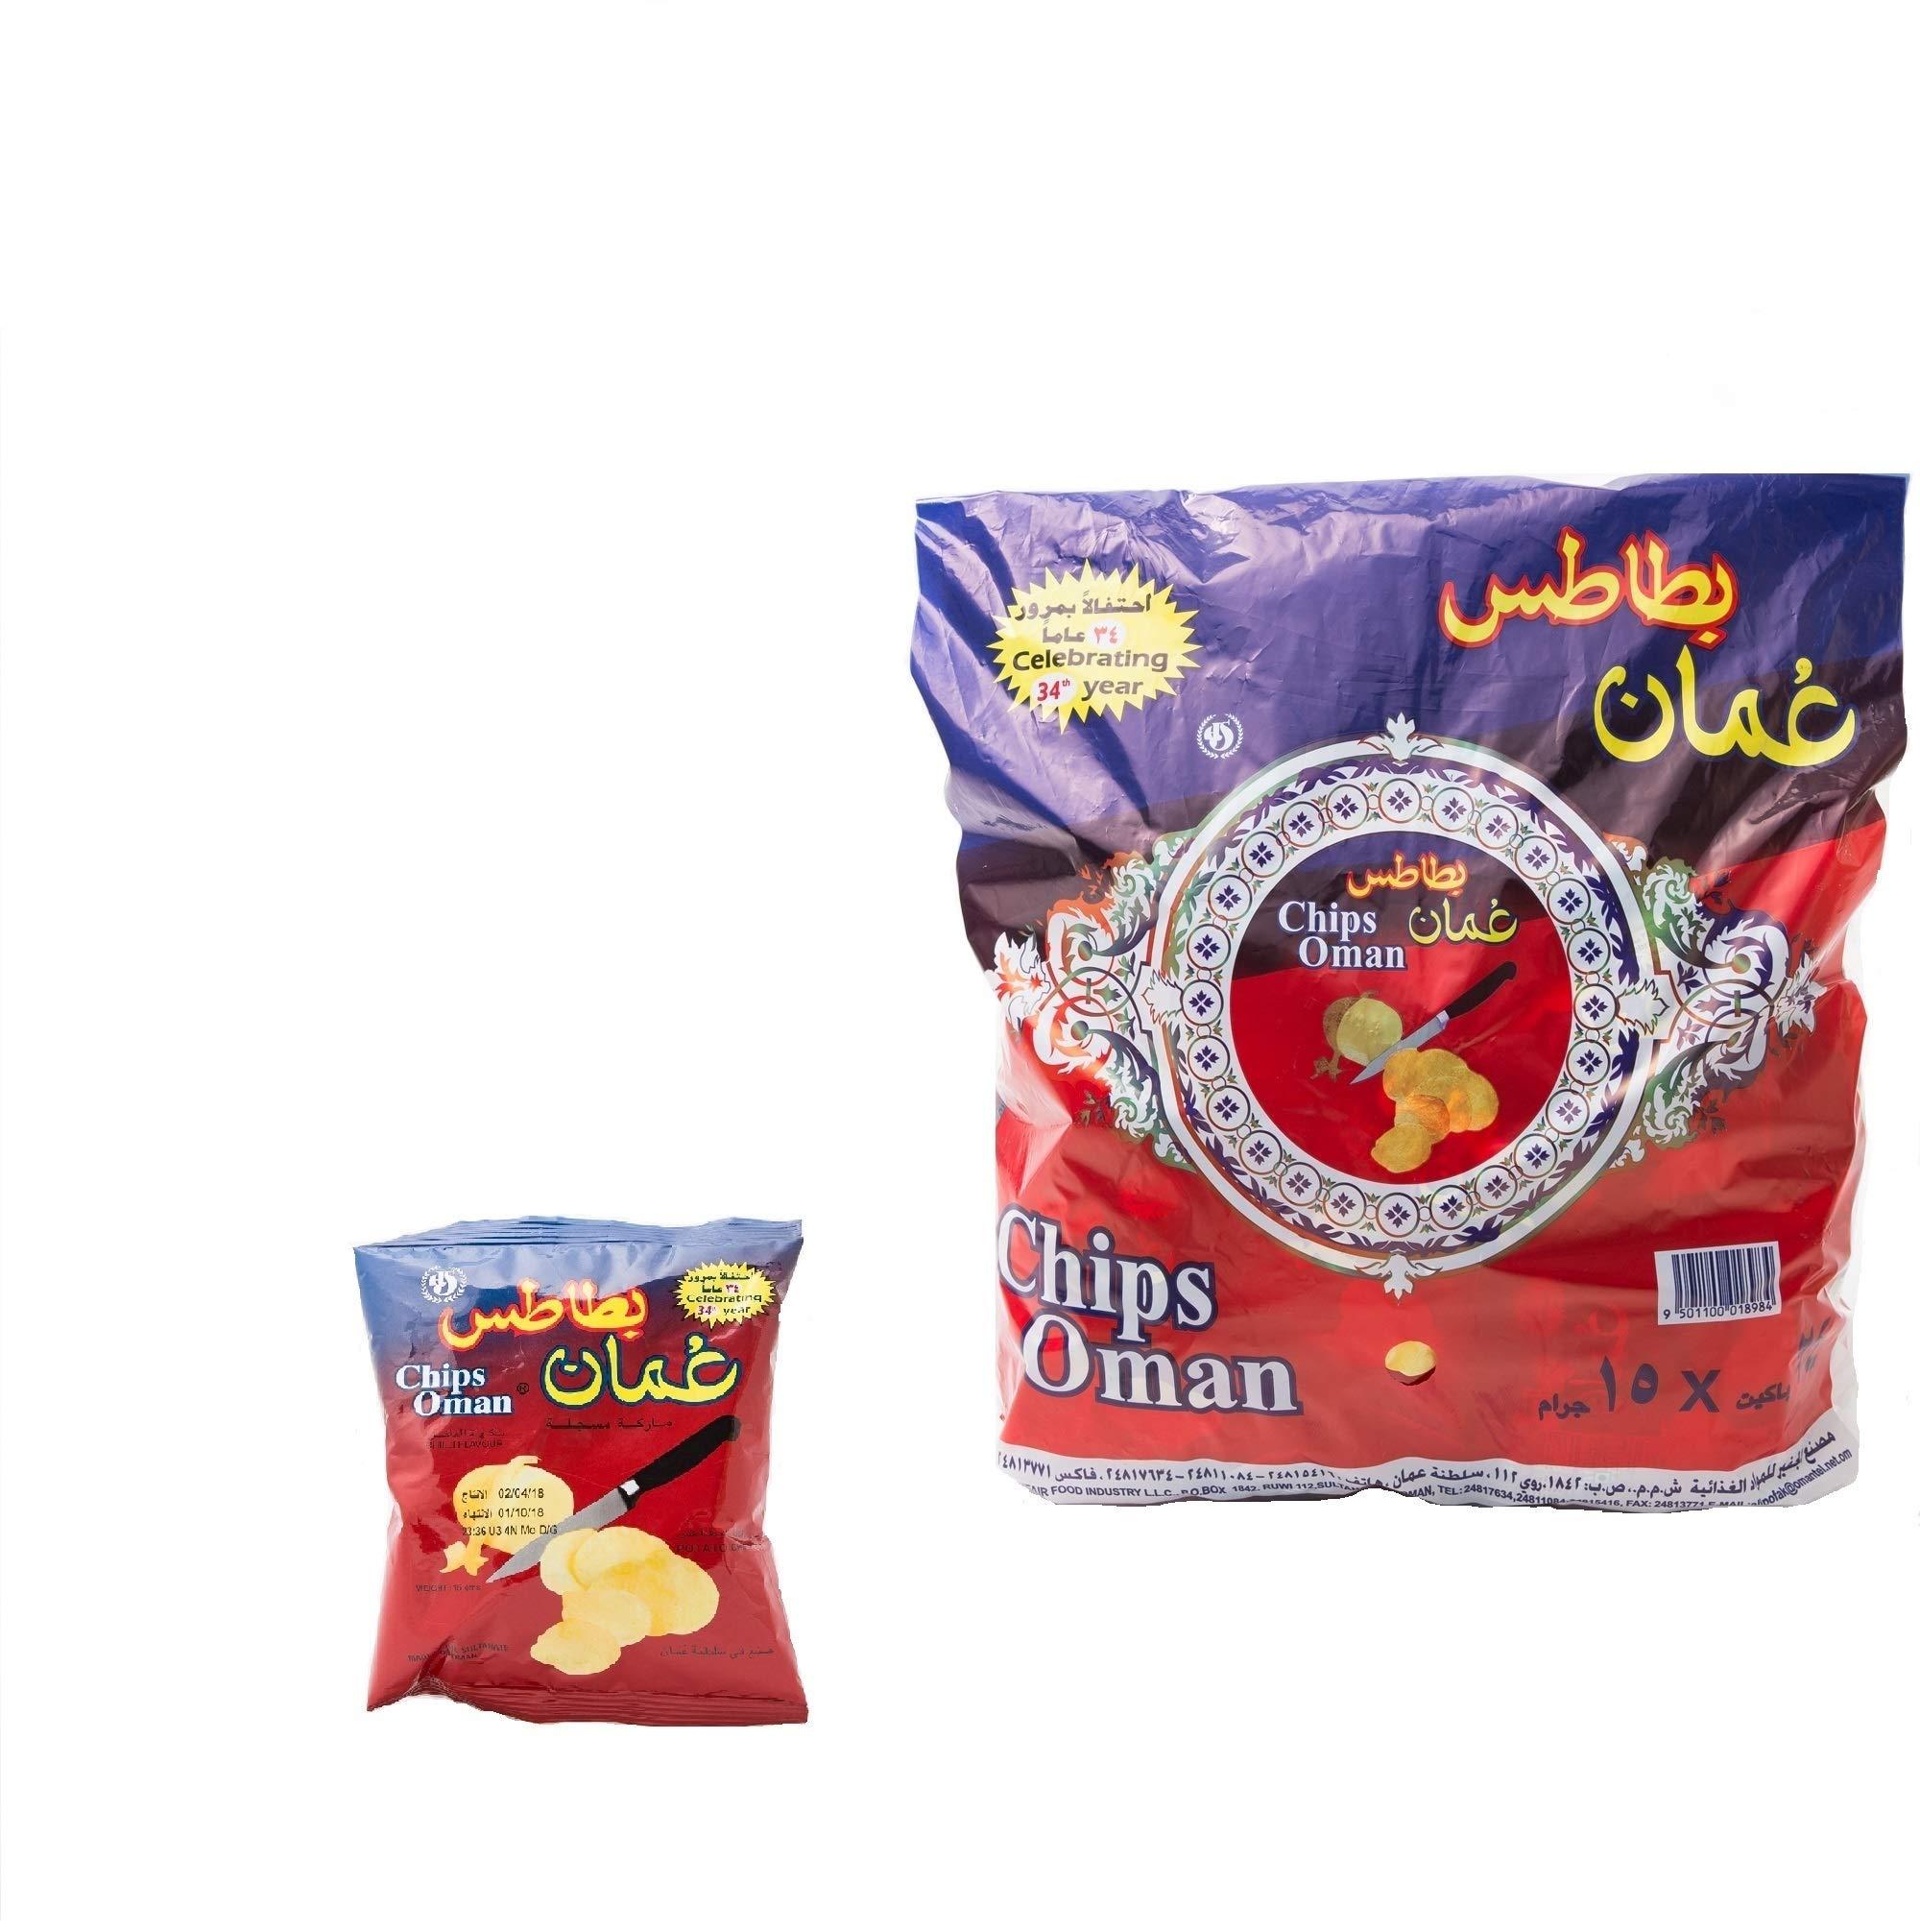 Chips Oman 25 pack - Halal hot snack packs crunchy